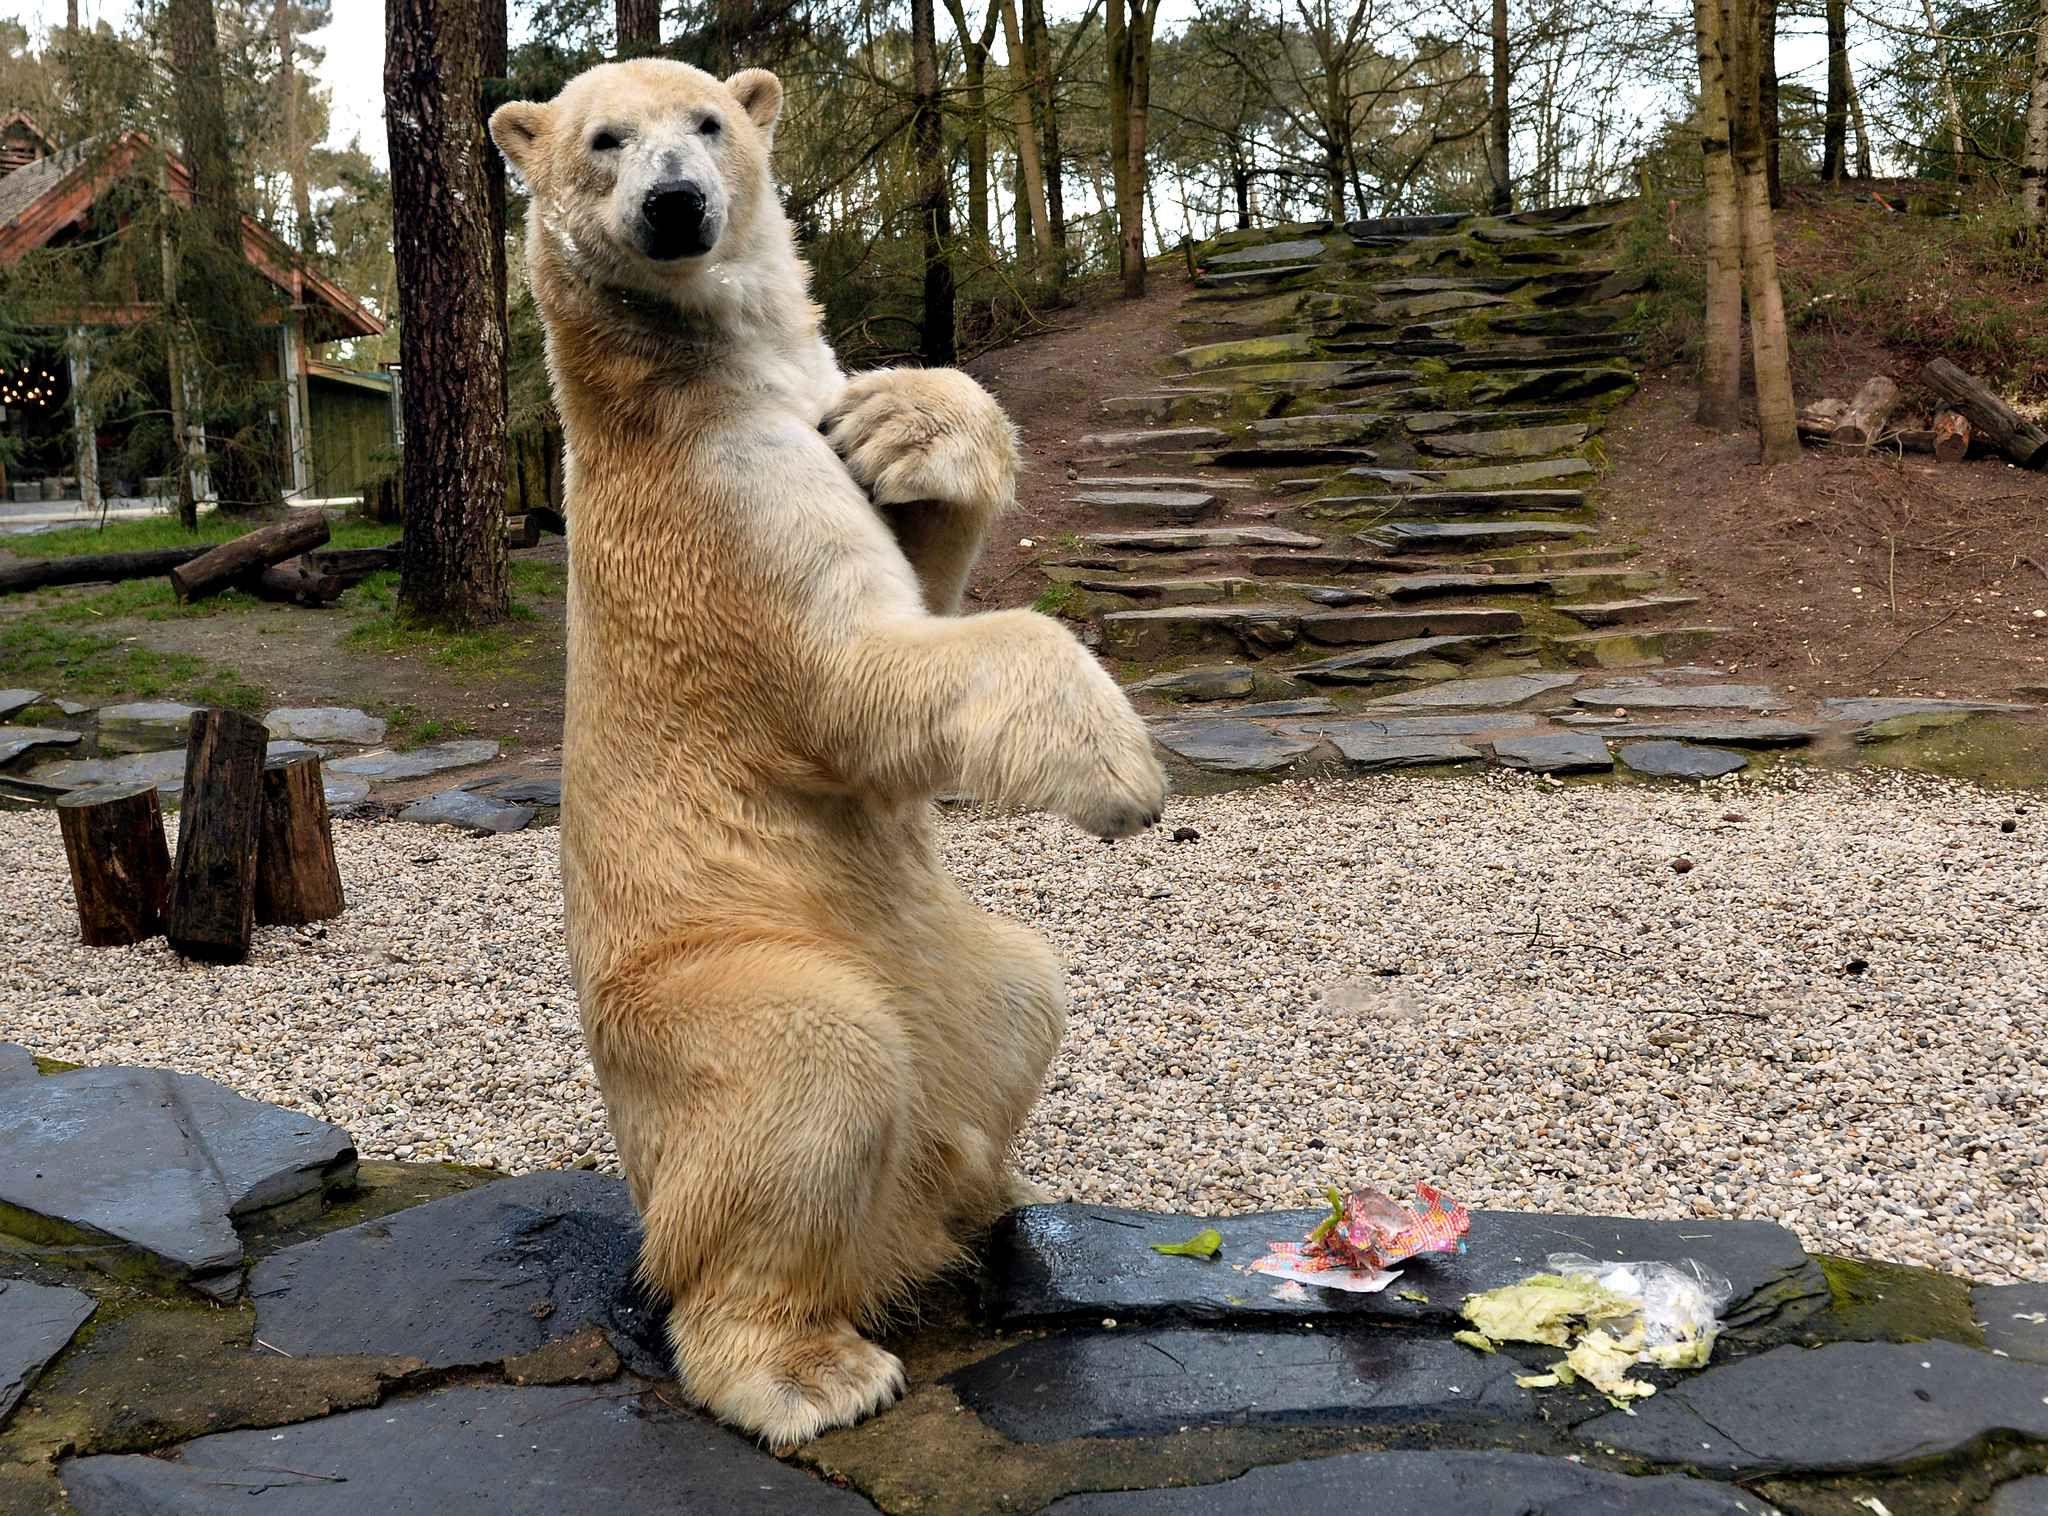 l 39 ours polaire du zoo de la fl che a re u un cadeau pour. Black Bedroom Furniture Sets. Home Design Ideas